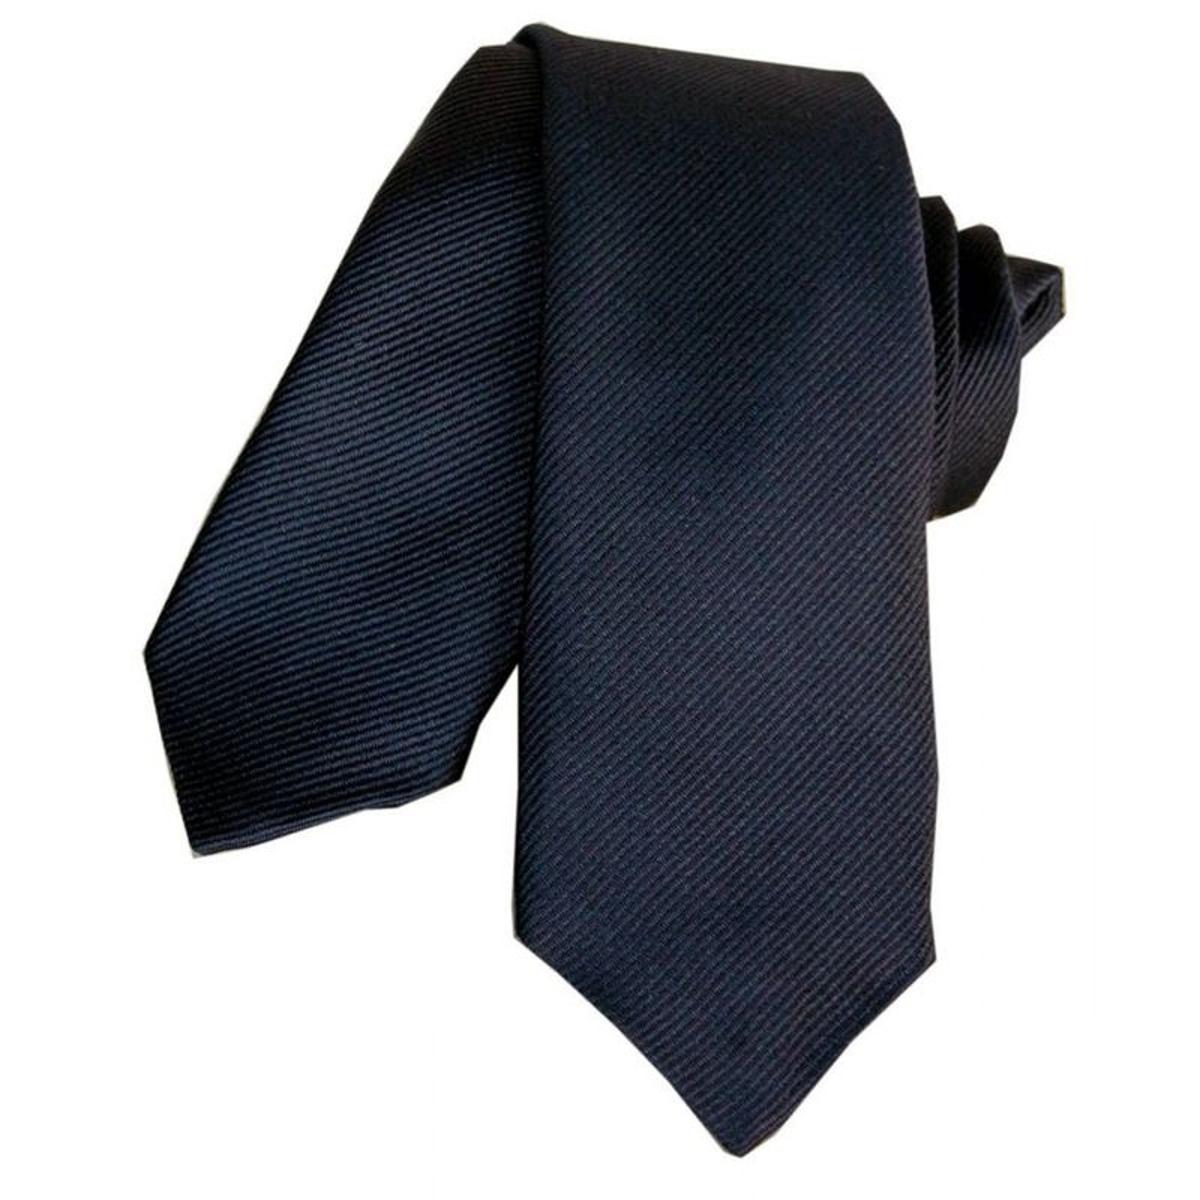 Cravate Slim soie classique slim segni